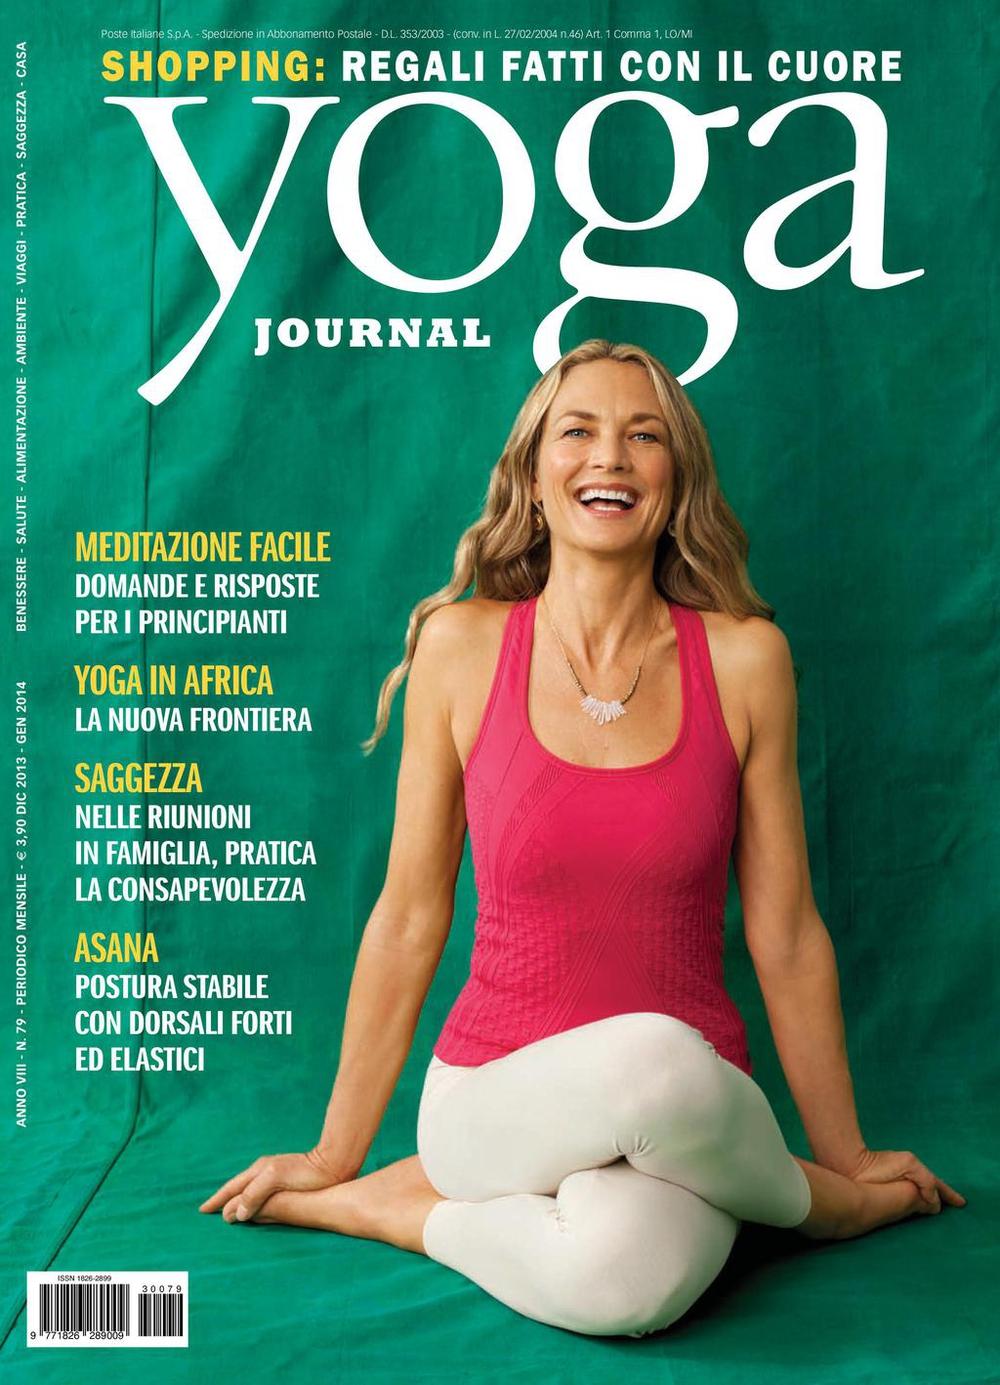 Yoga Journal n. 79